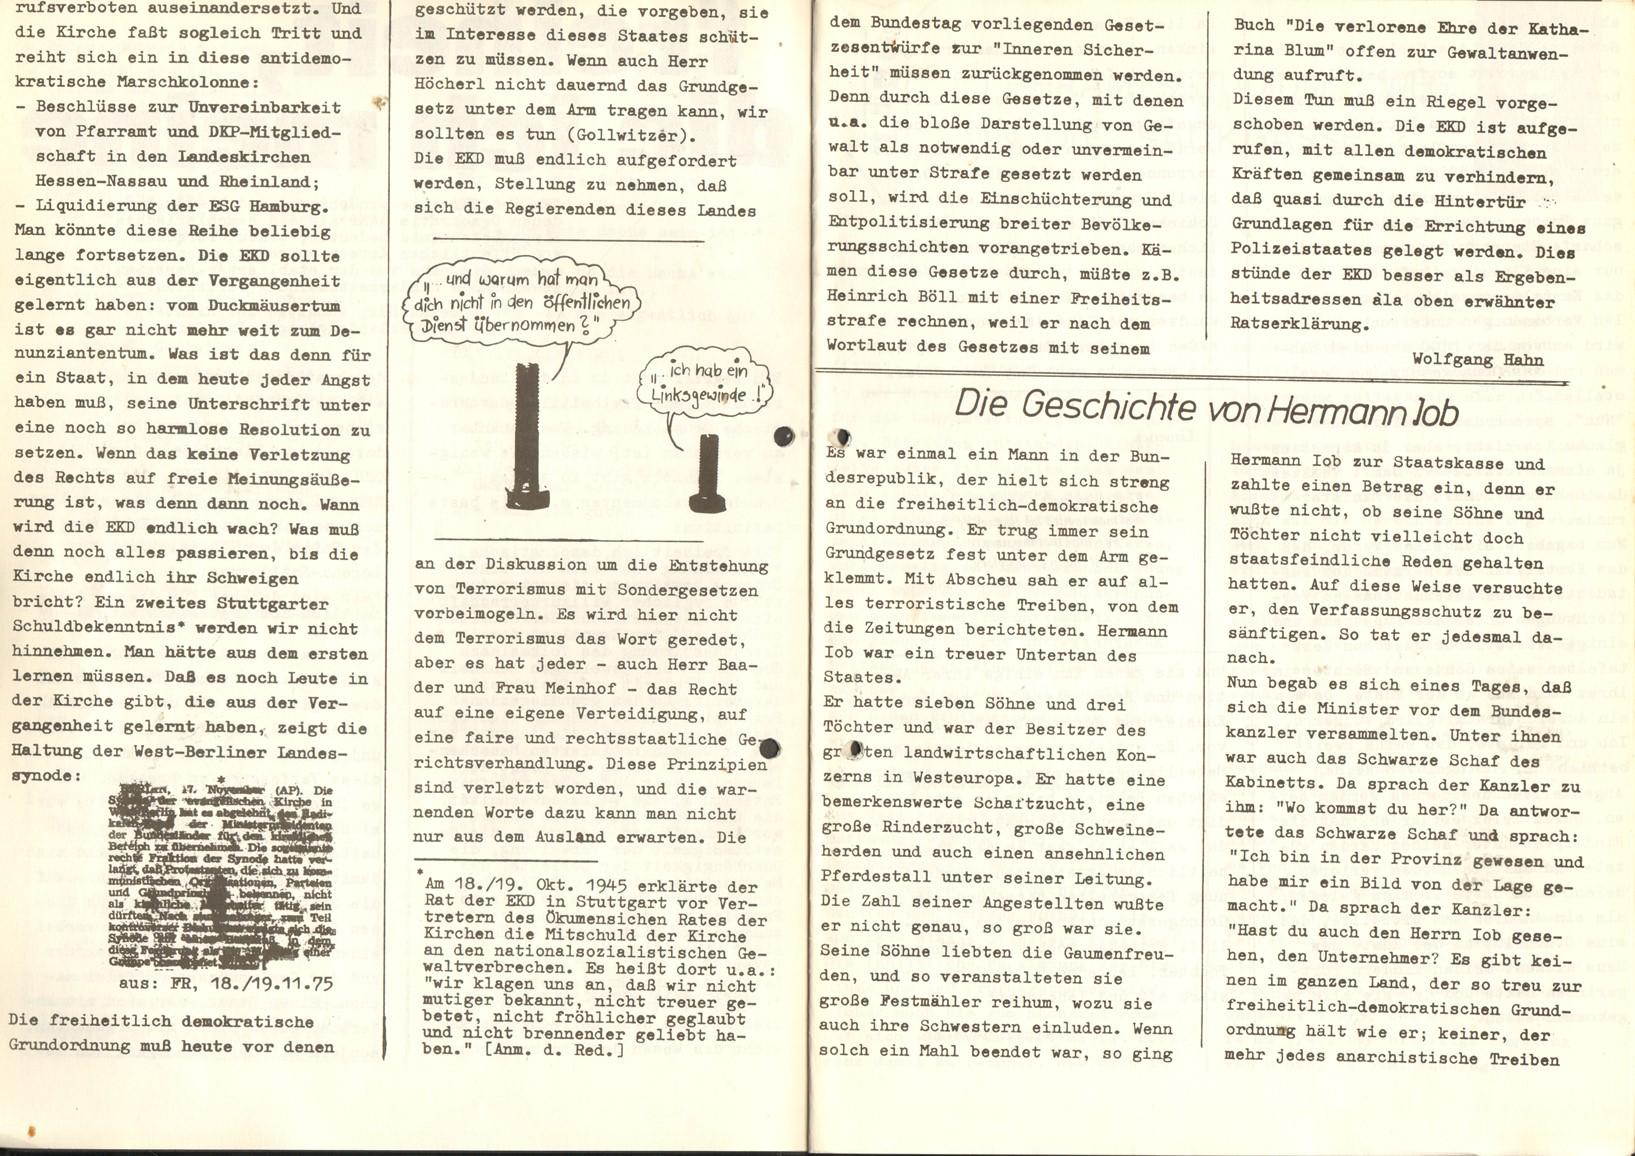 Muenster_Roter_Korach_19751115_03